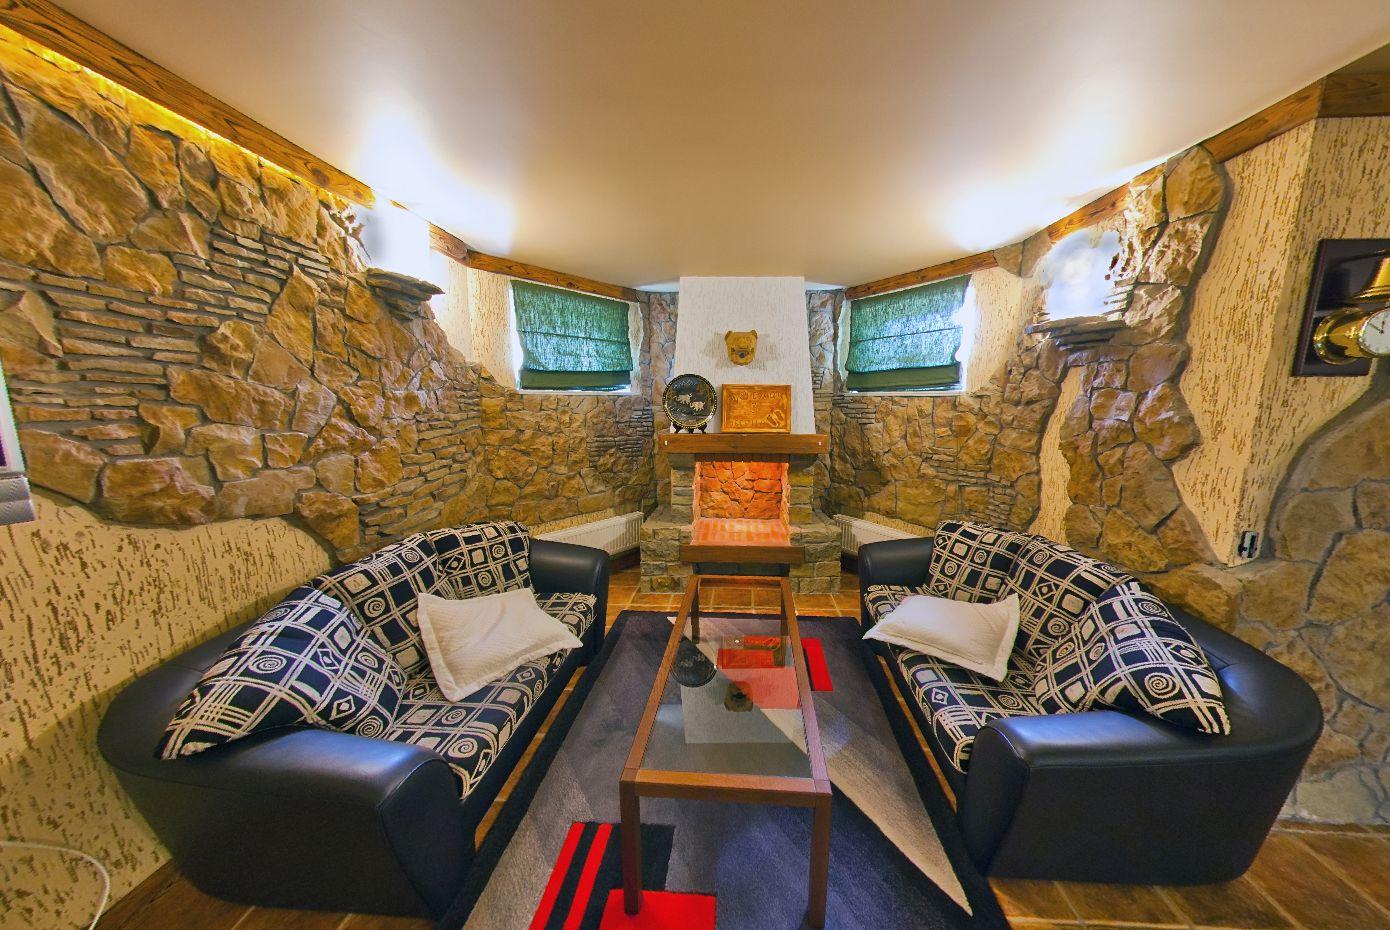 Купить дом в Анапе с каминной